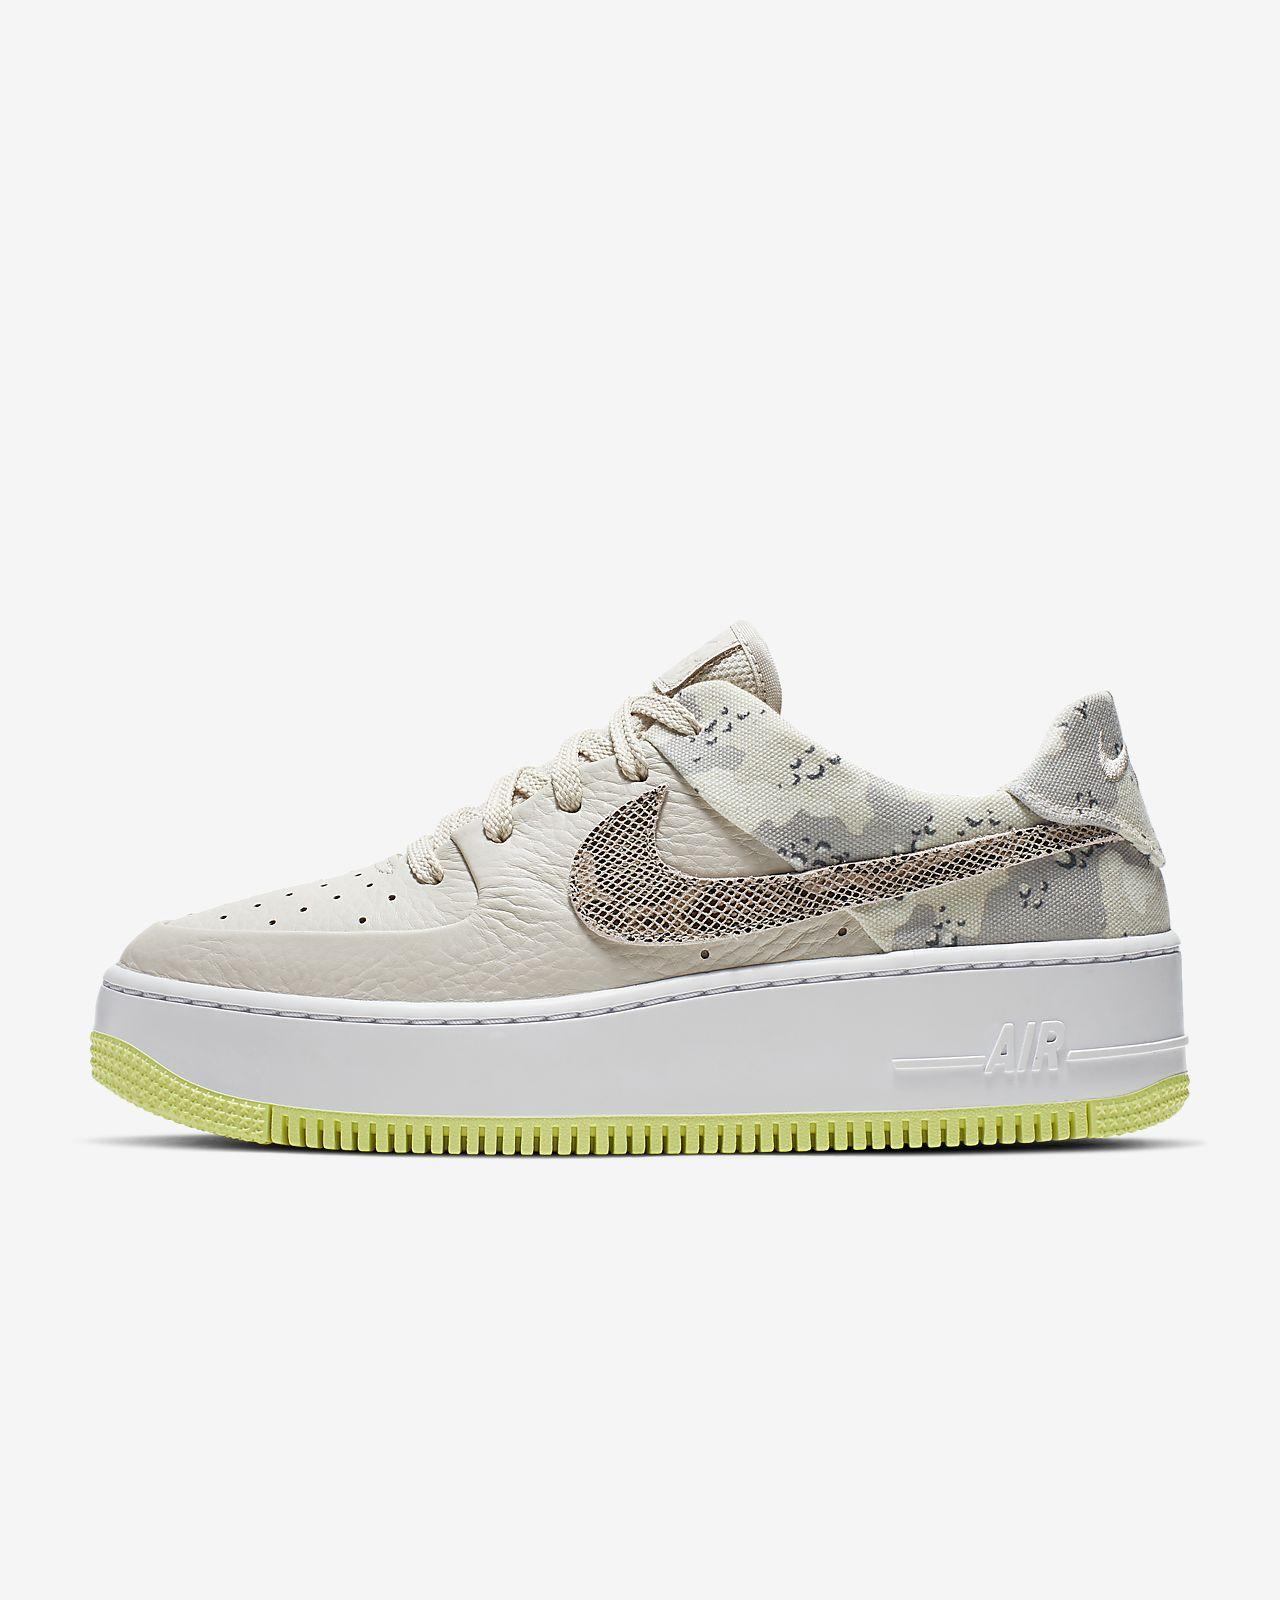 710a23a31d Nike Air Force 1 Sage Low Premium Camo Kadın Ayakkabısı